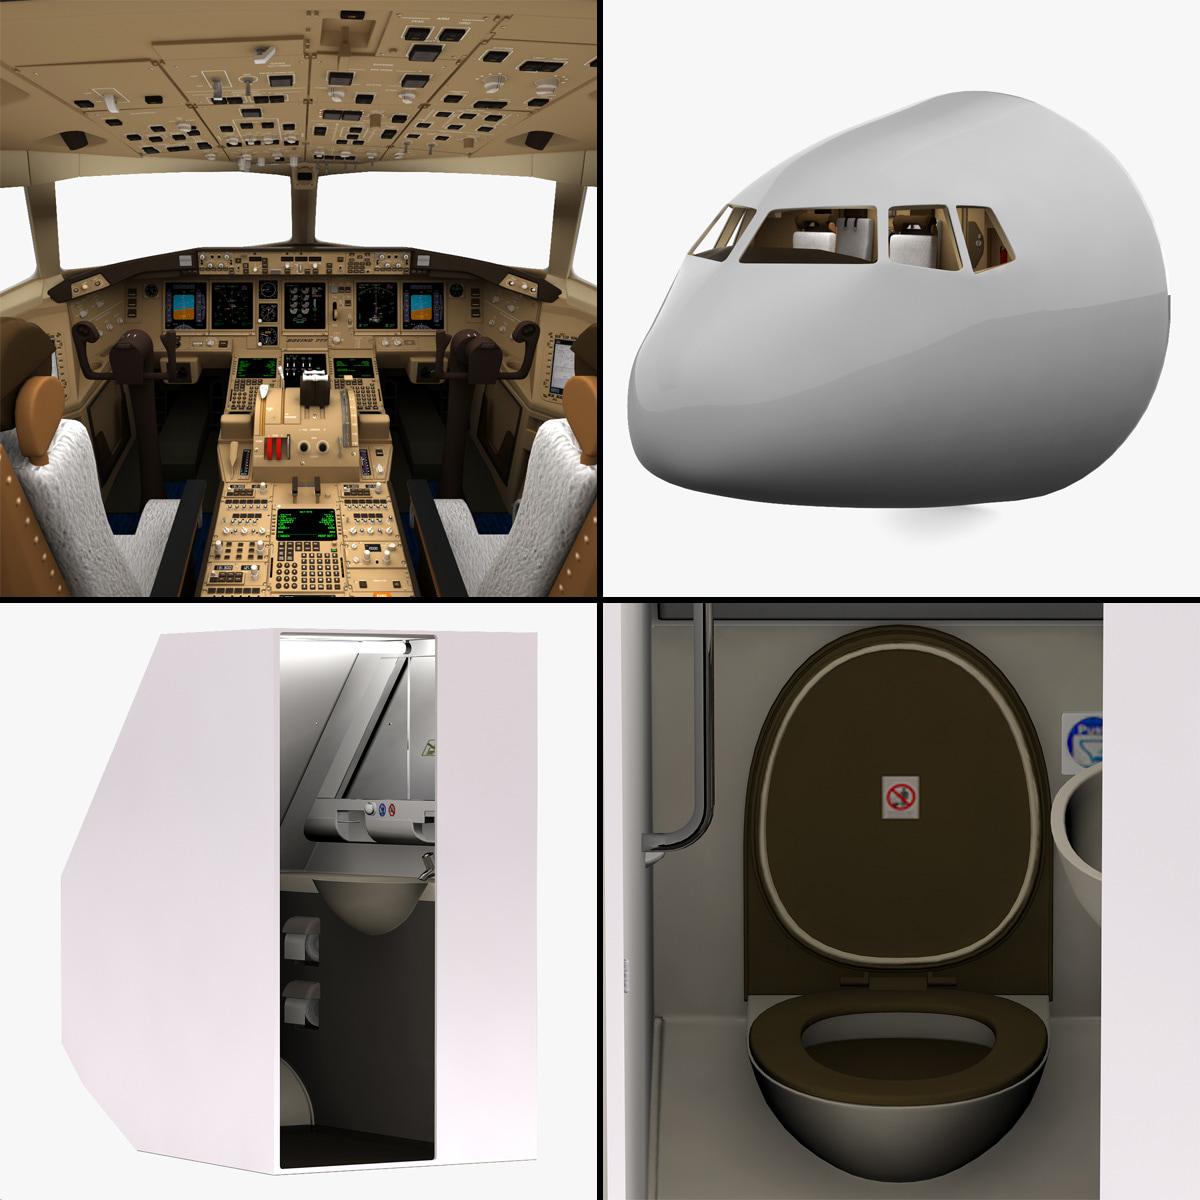 3d model boeing cockpit restroom